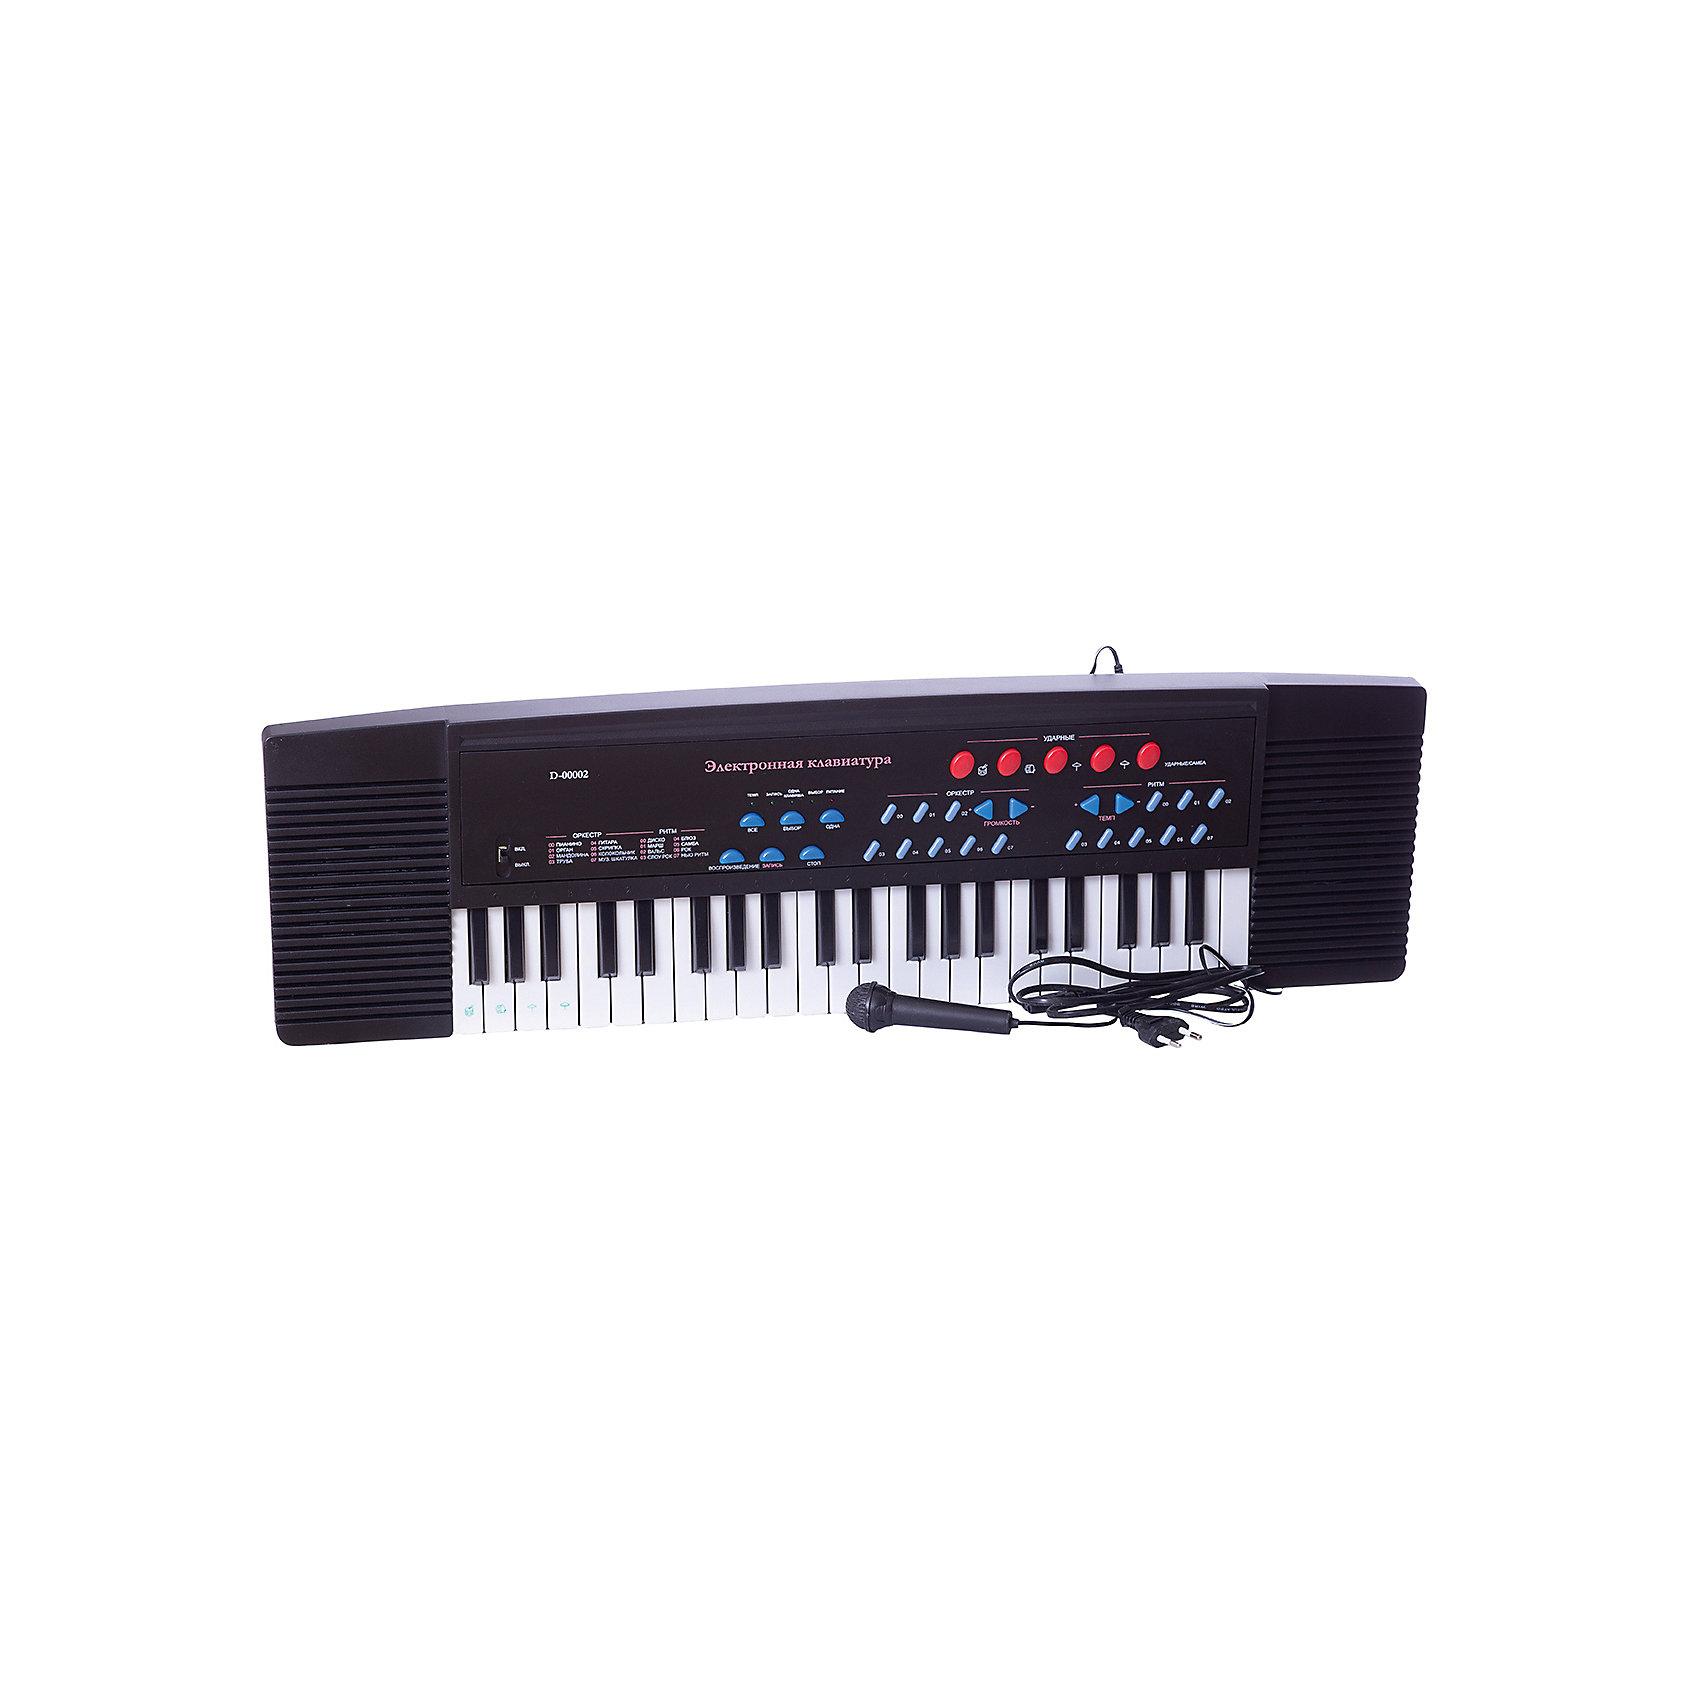 - DoReMi Синтезатор, 37 клавиш музыкальный инструмент детский doremi синтезатор 37 клавиш 80 см